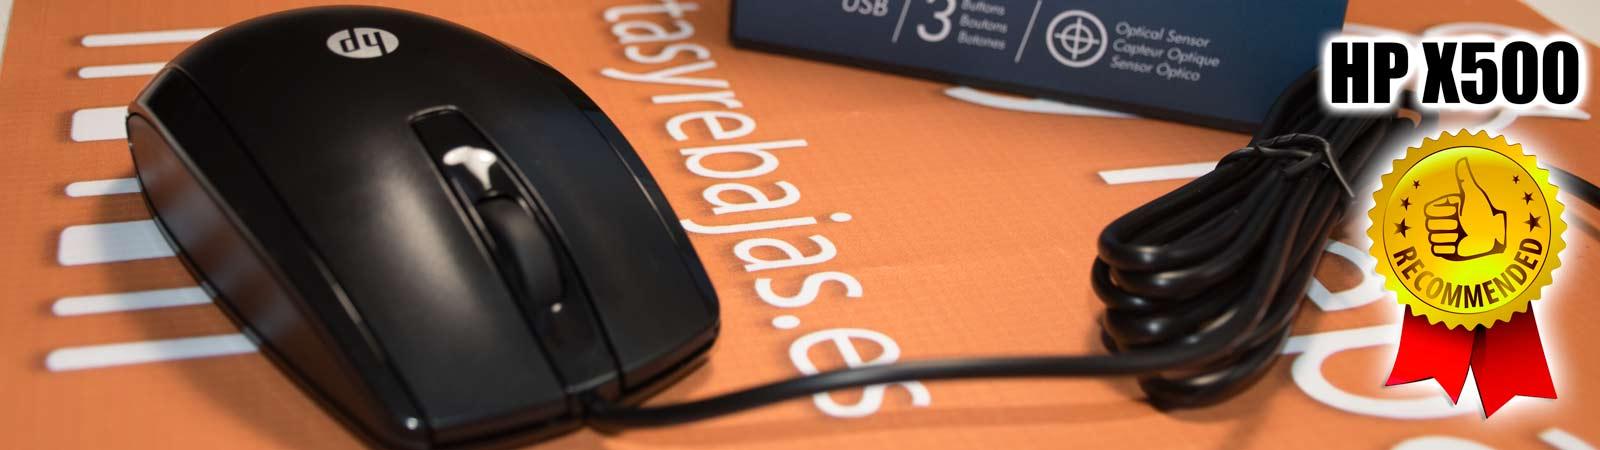 Ratón óptico HP X500